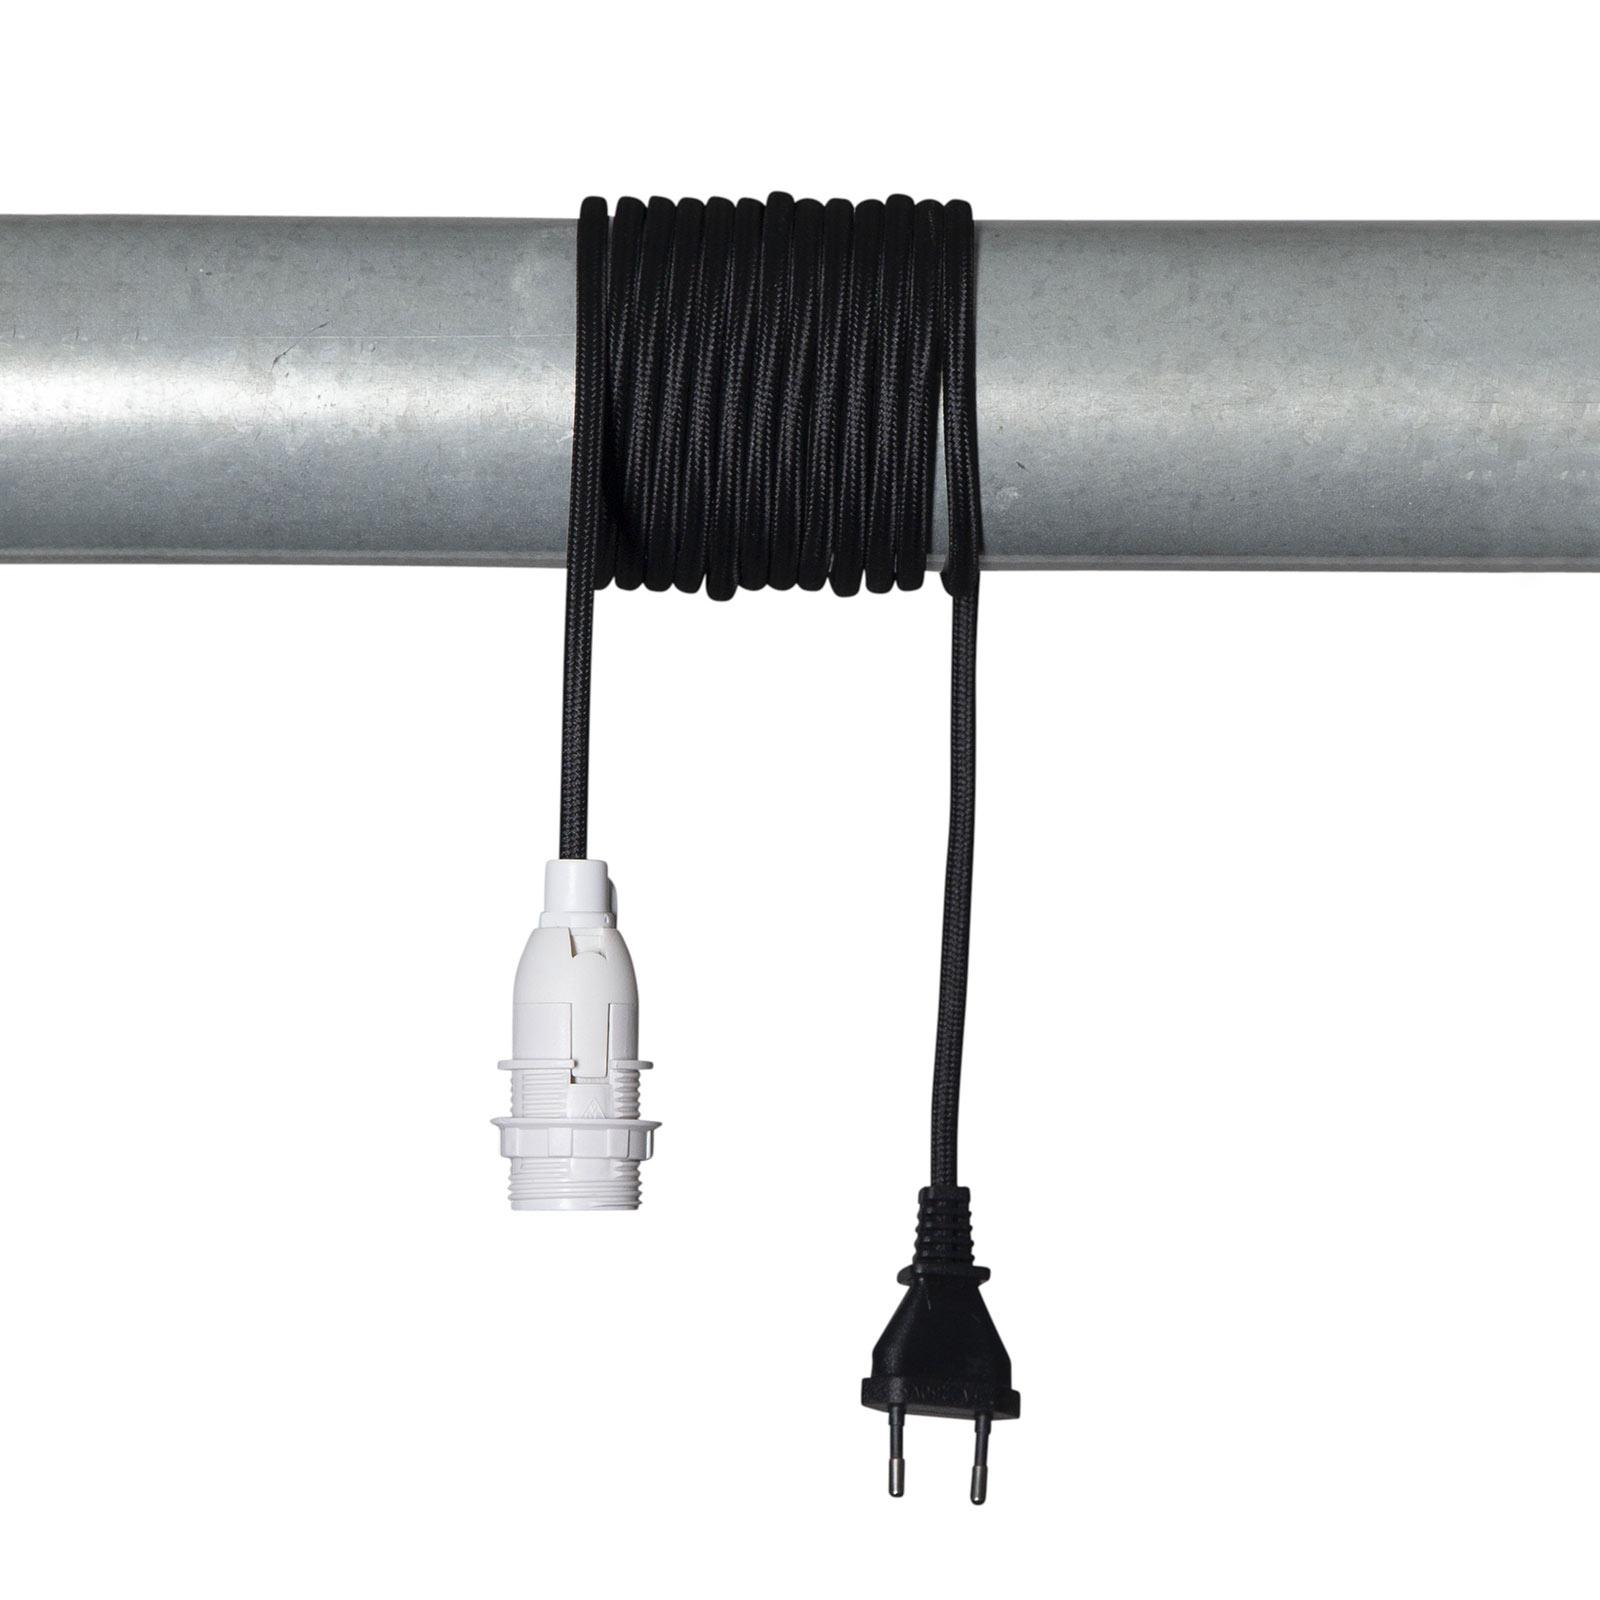 E14-fatning Lacy med kabel, svart og hvit